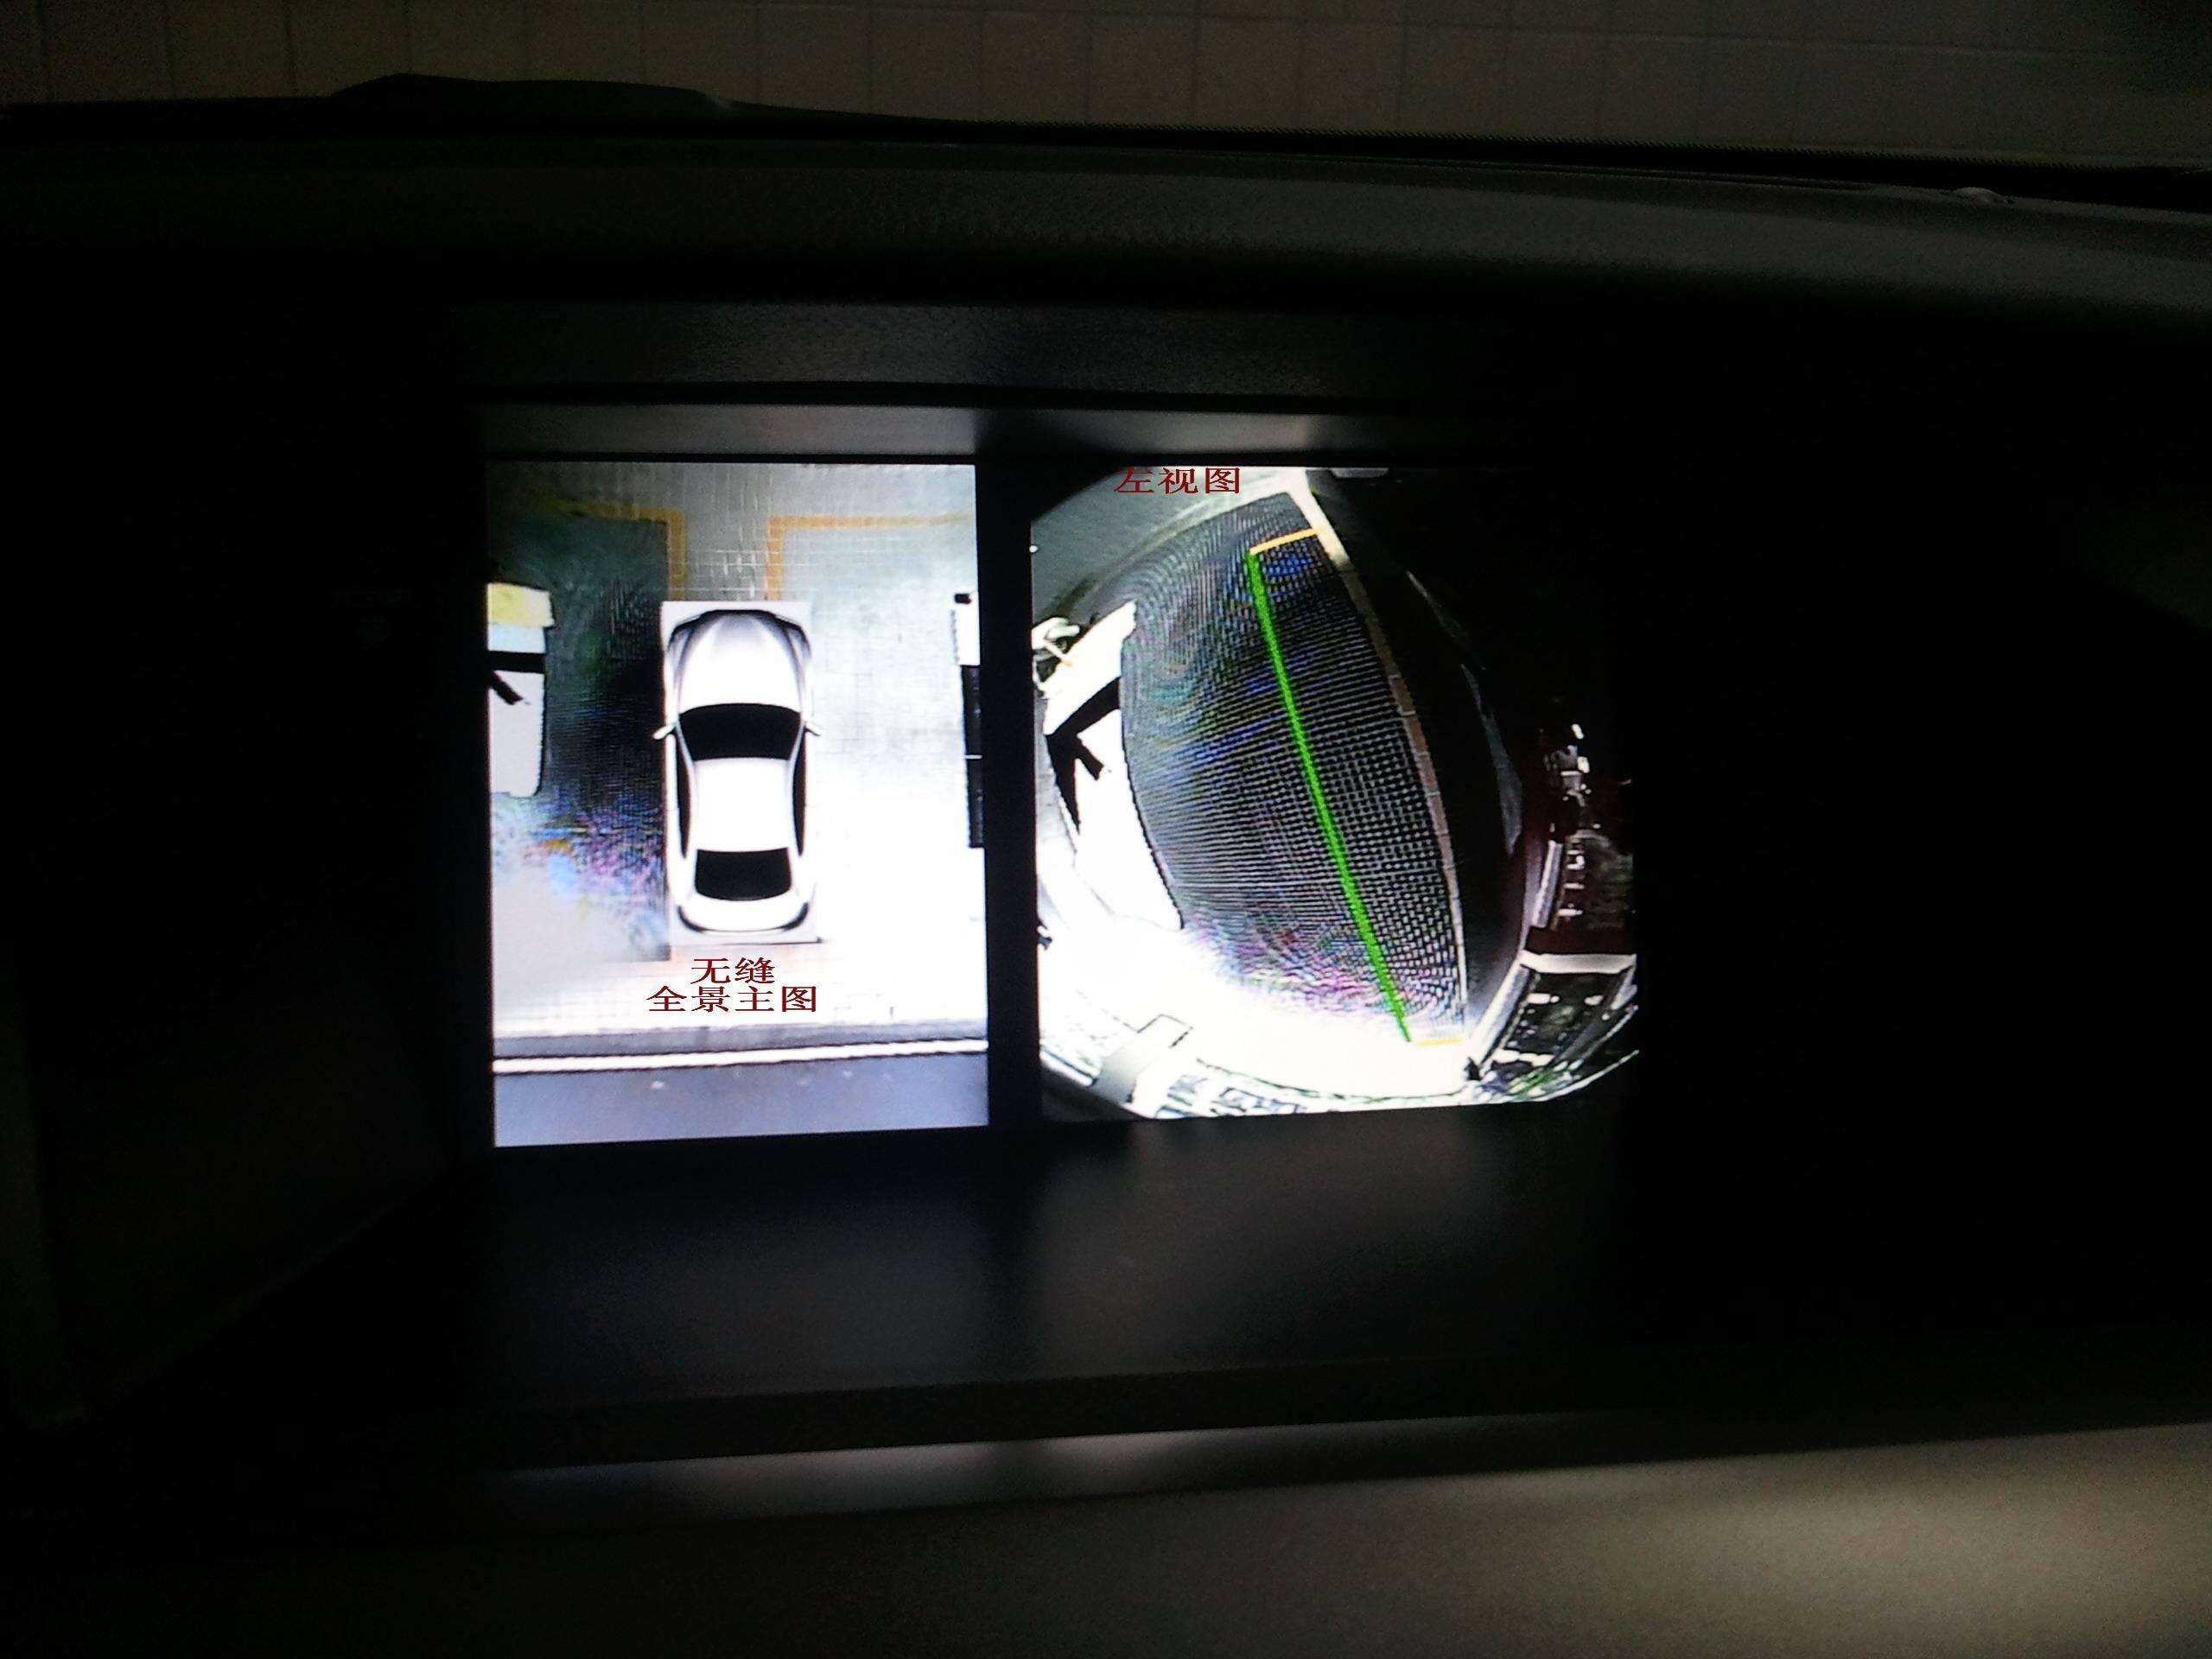 360 全景影像泊车系统助威厦门远达雷克萨斯汽车销售服务高清图片